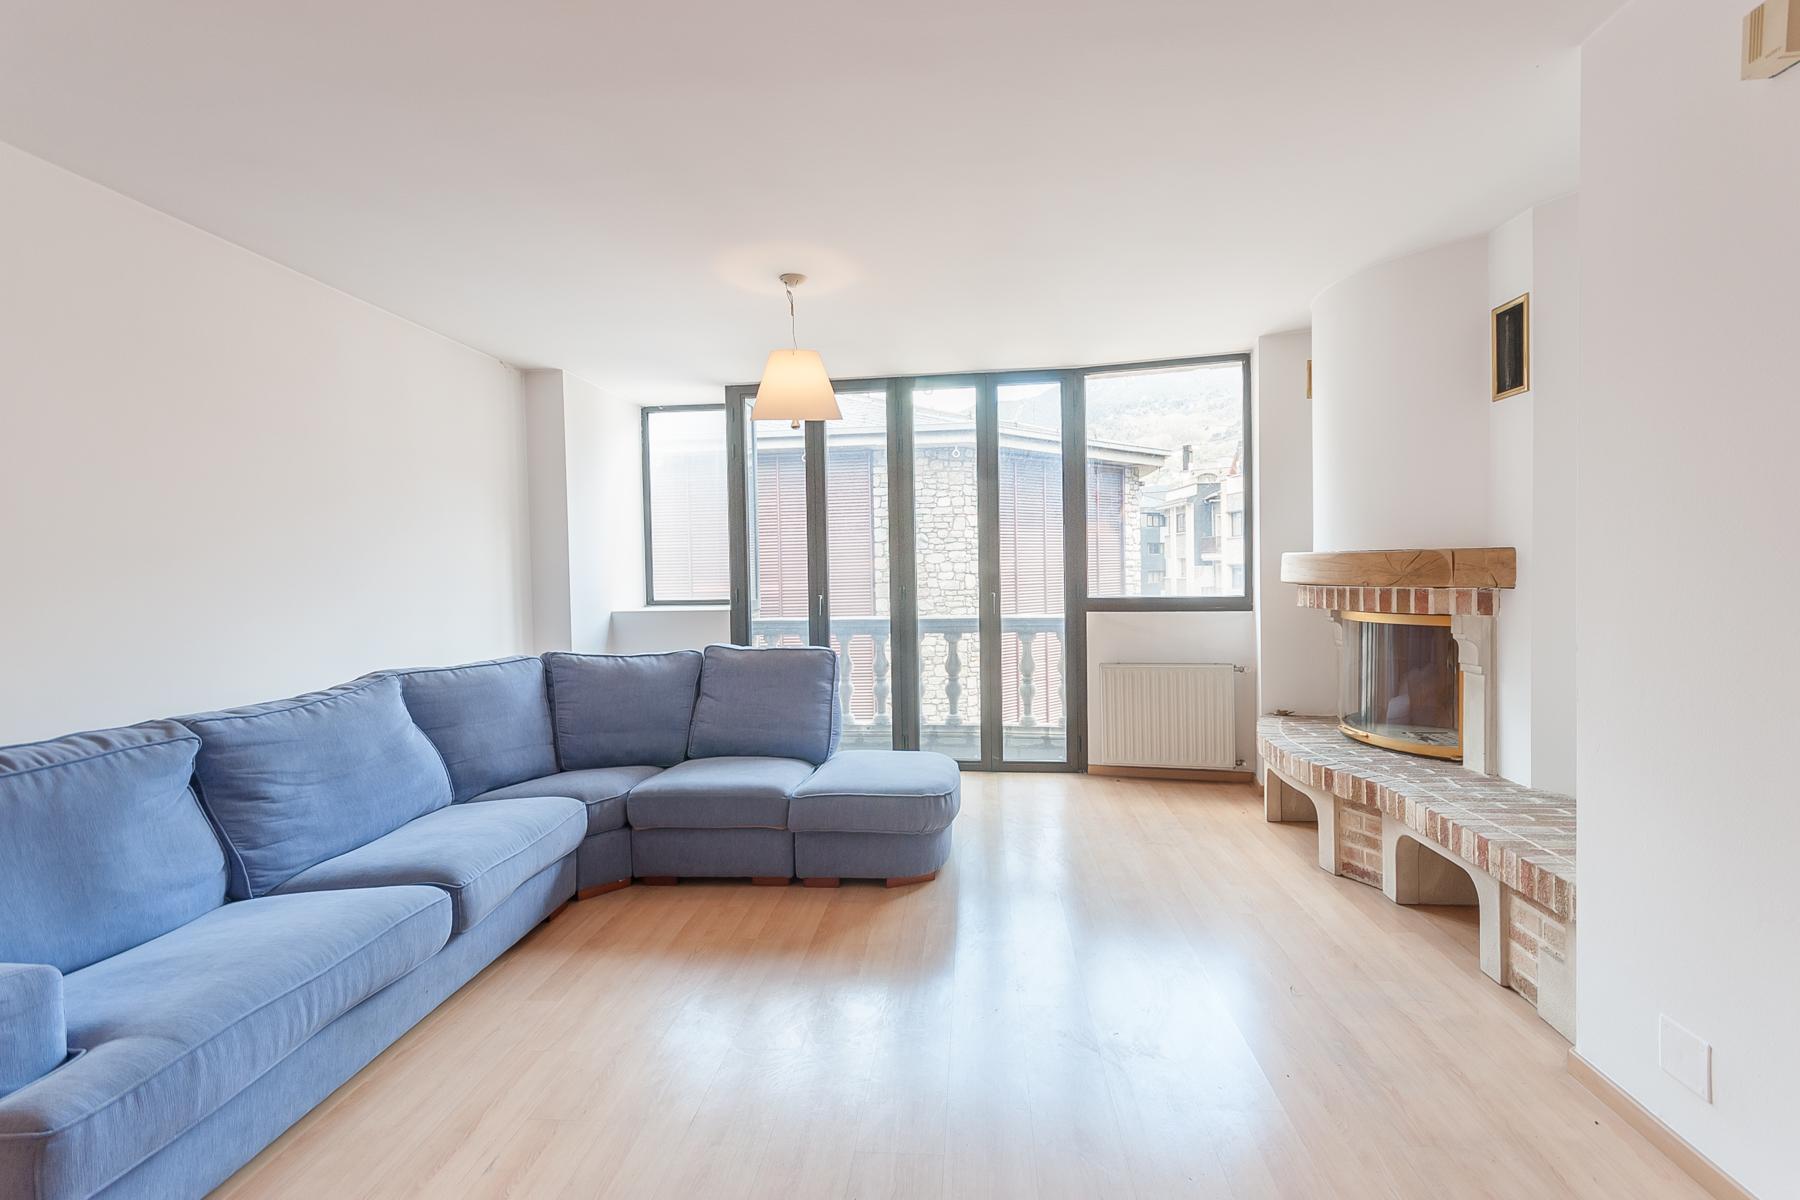 Appartement pour l Vente à Attic for sale in Andorra la Vella Andorra La Vella, Andorra La Vella, AD500 Andorra